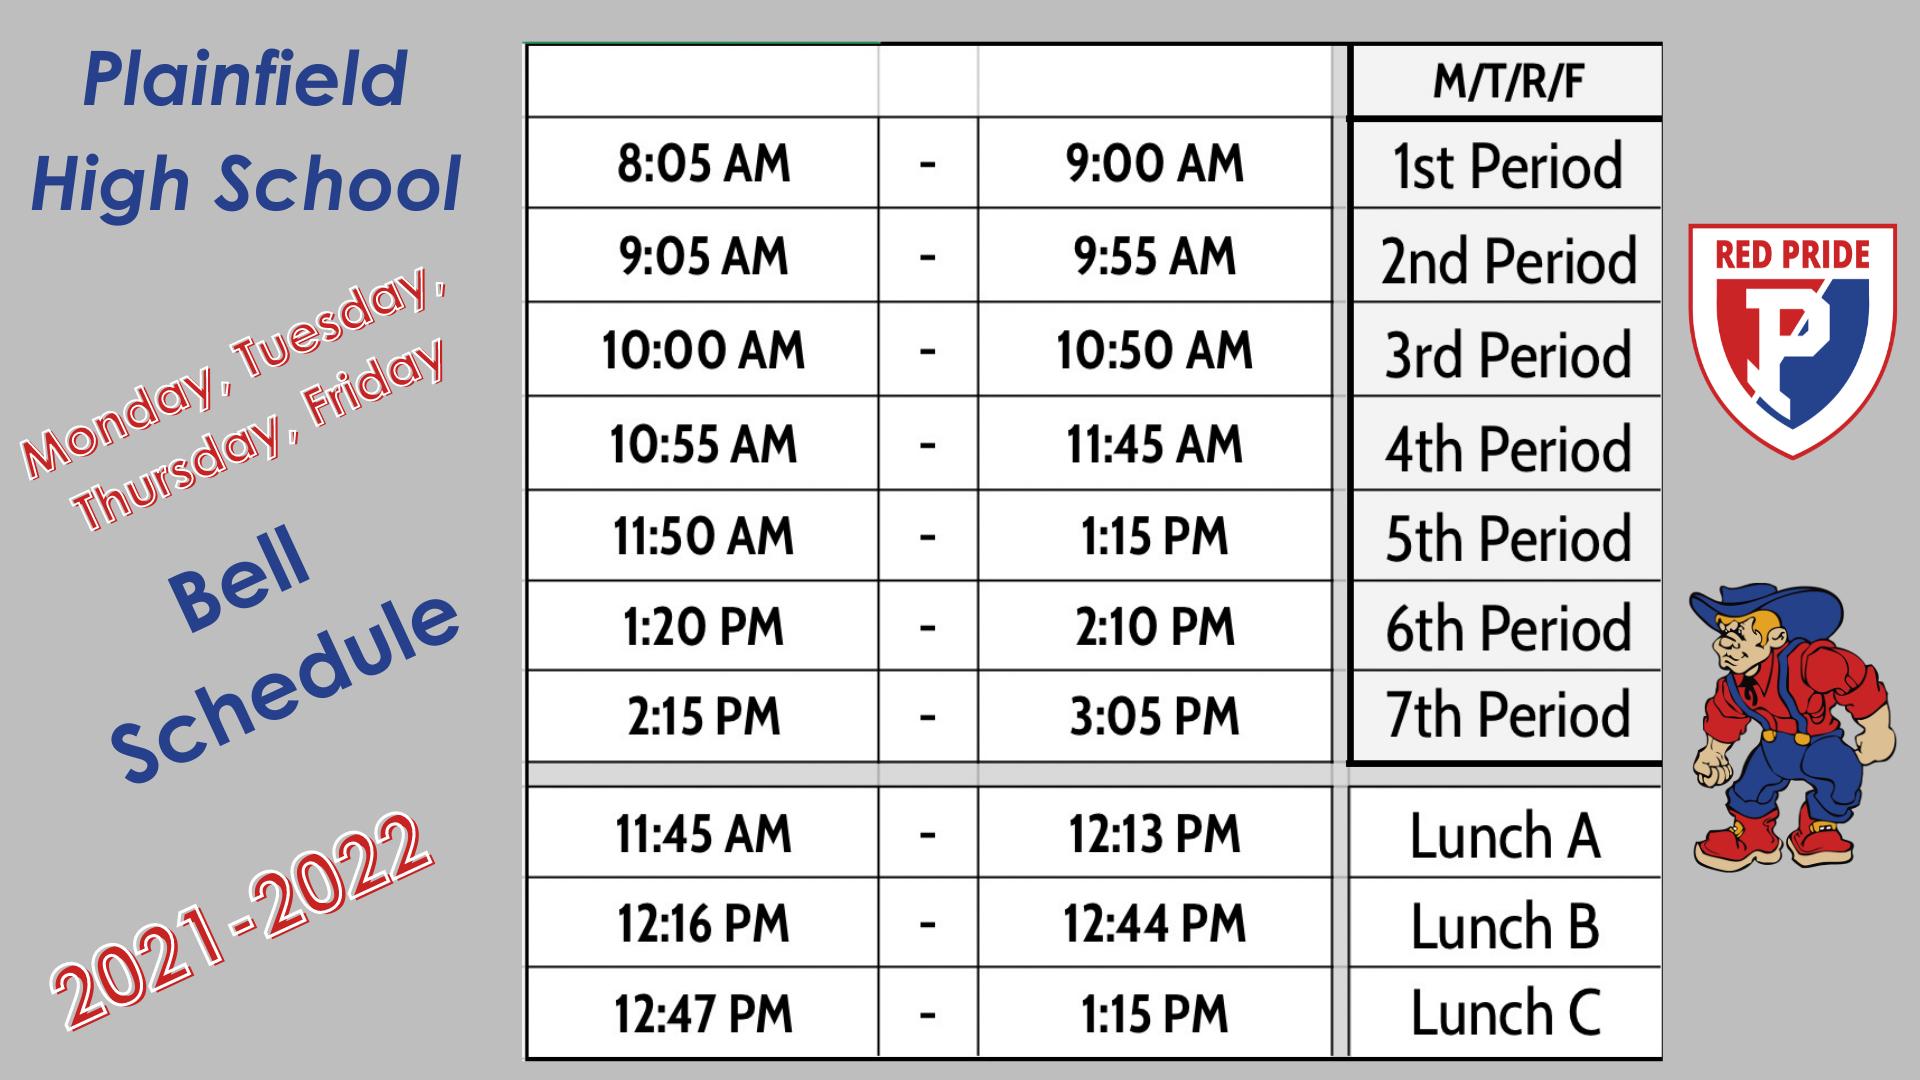 MTThF Schedule